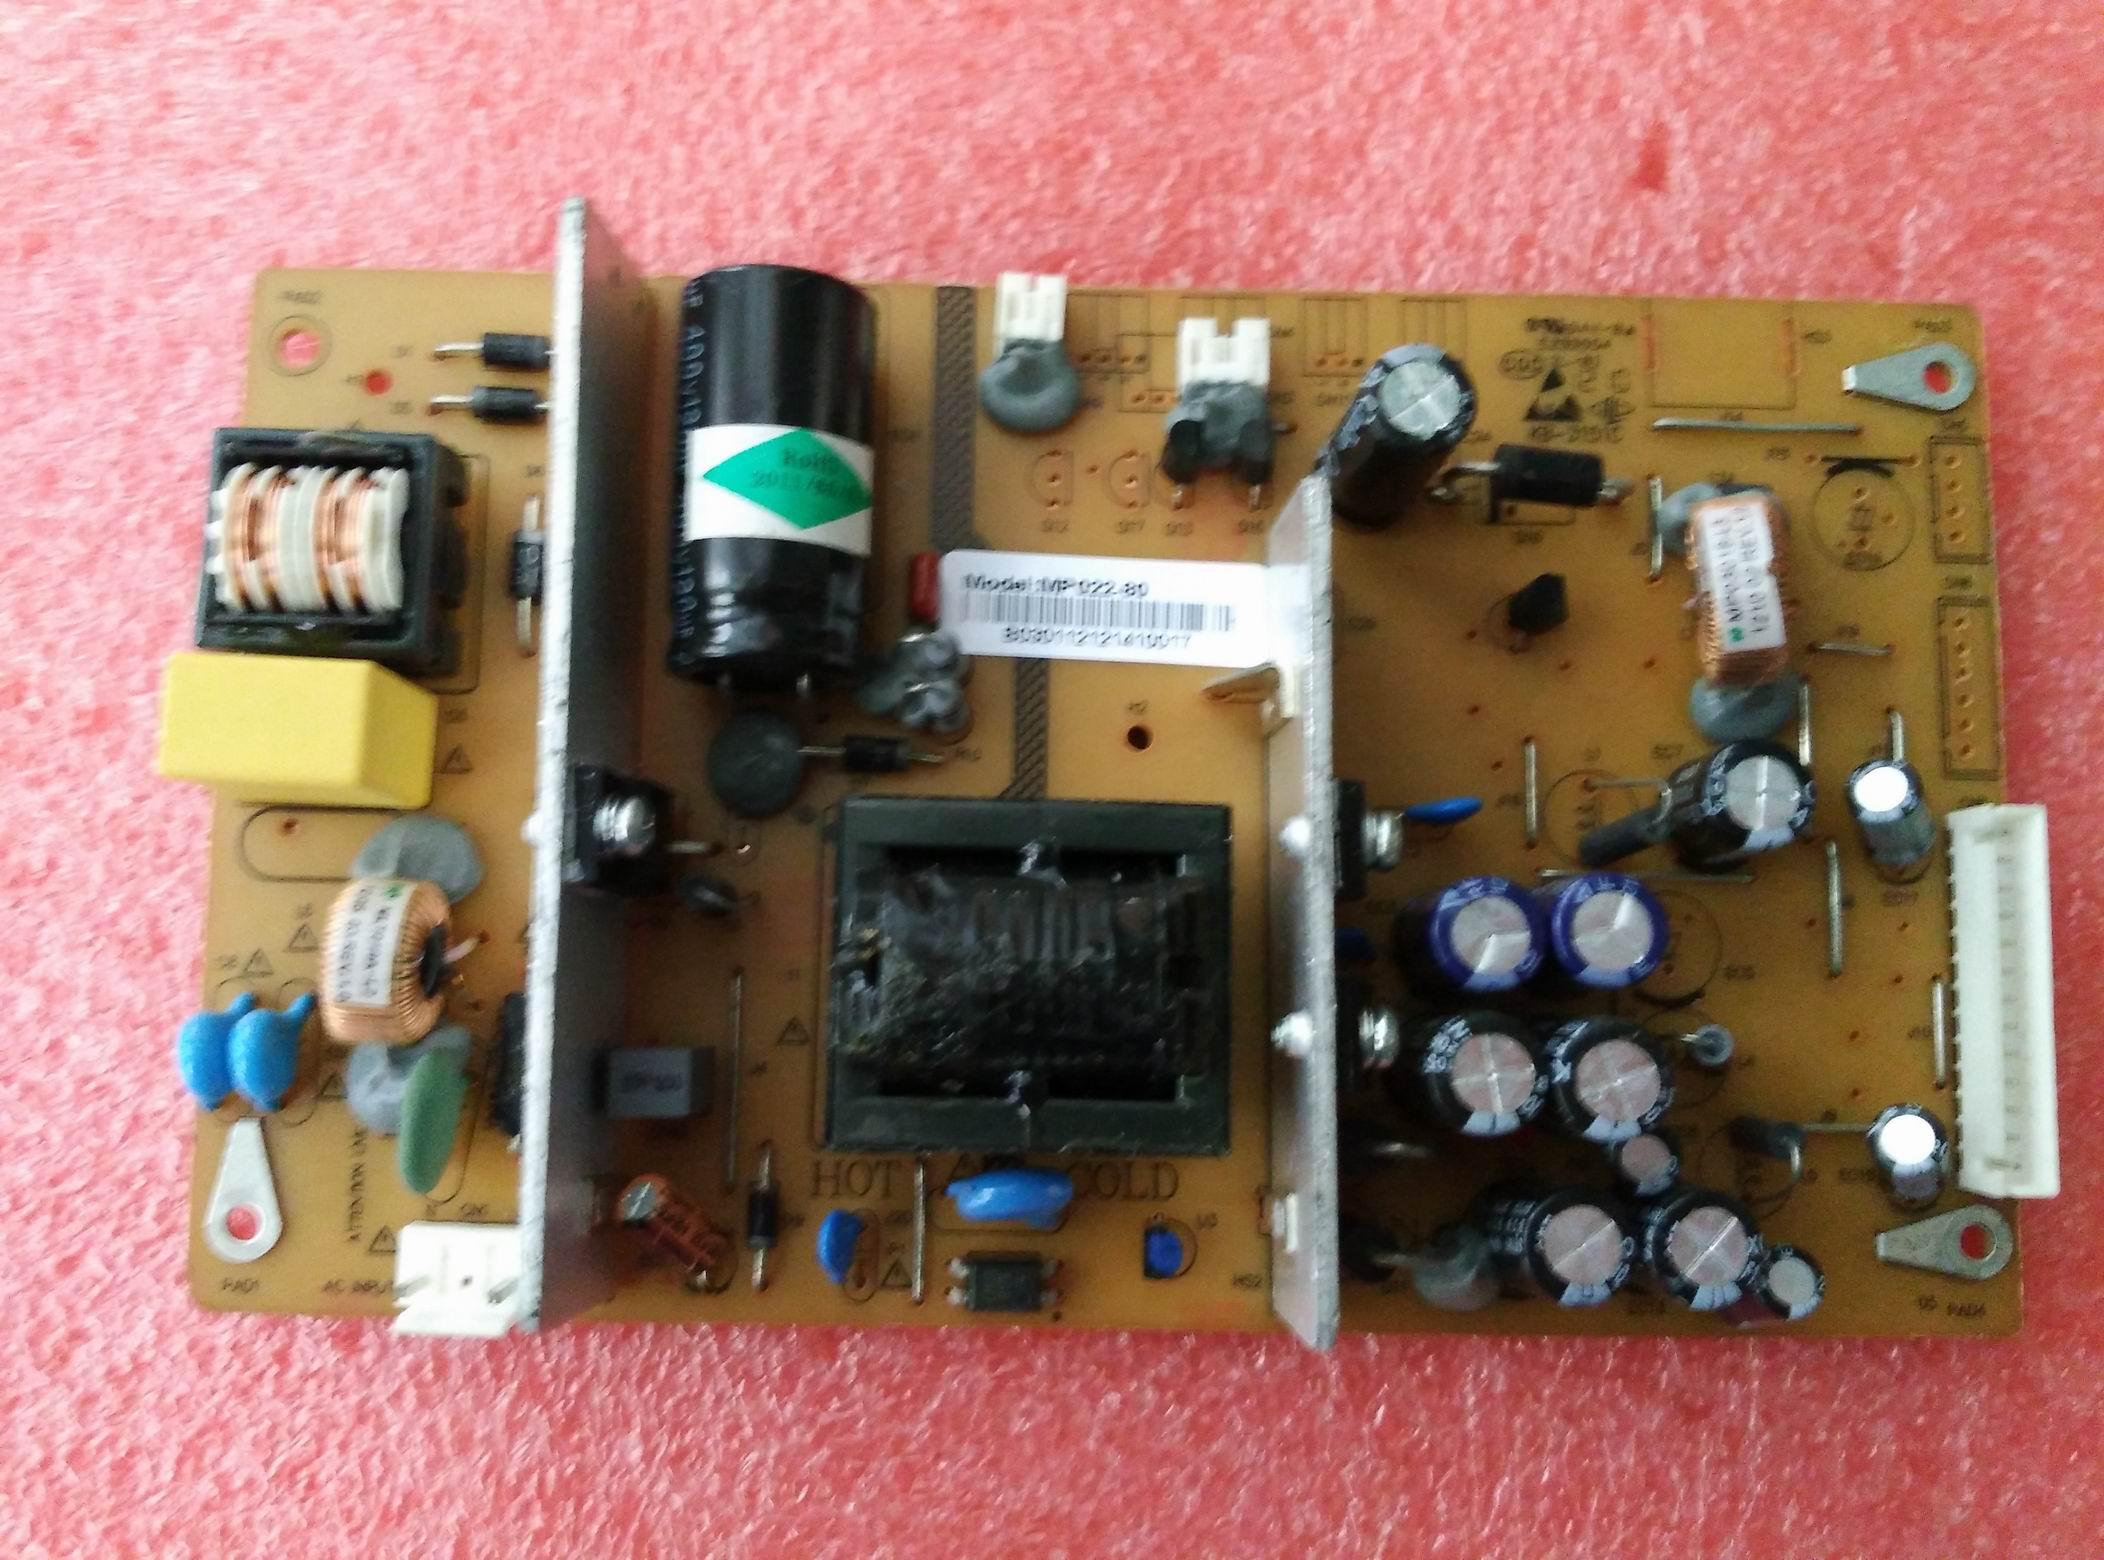 Original changhong LCD - TV - Power Board MP022-80 LCD - fernseher - bauteil bauteil